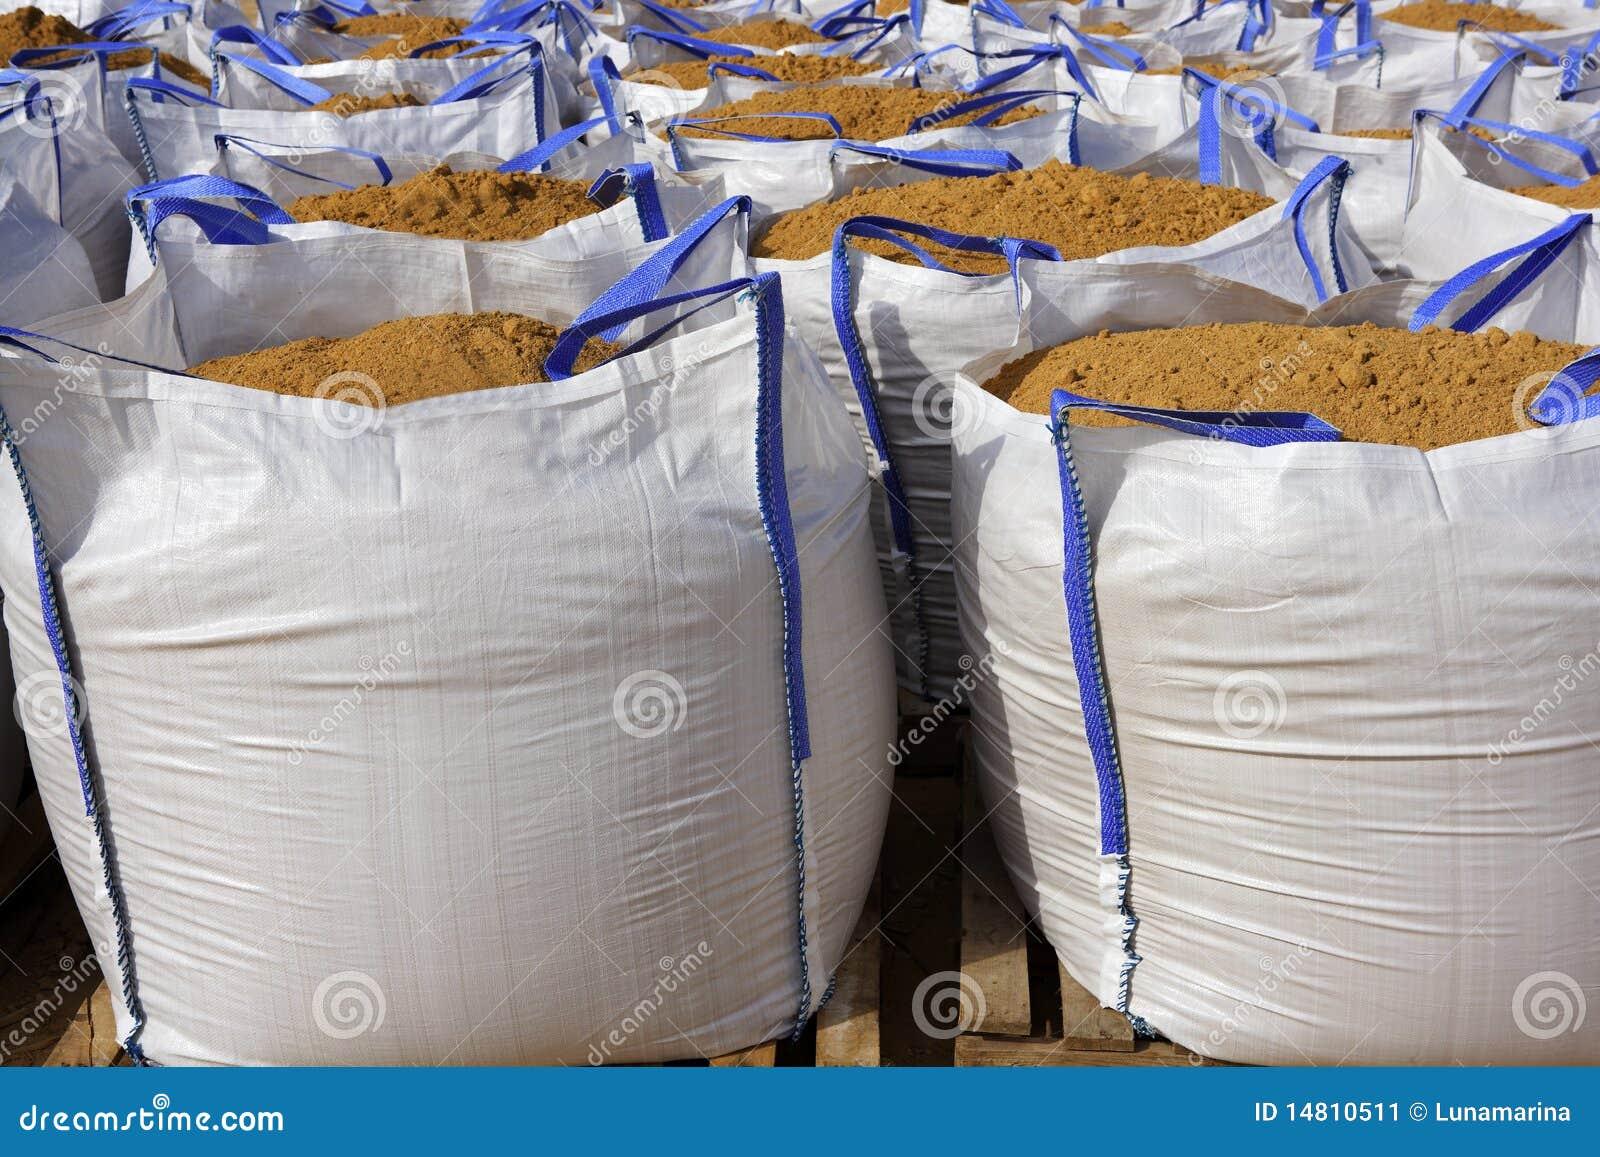 sandbag white big bag sand sacks quarry stock image image 14810511. Black Bedroom Furniture Sets. Home Design Ideas